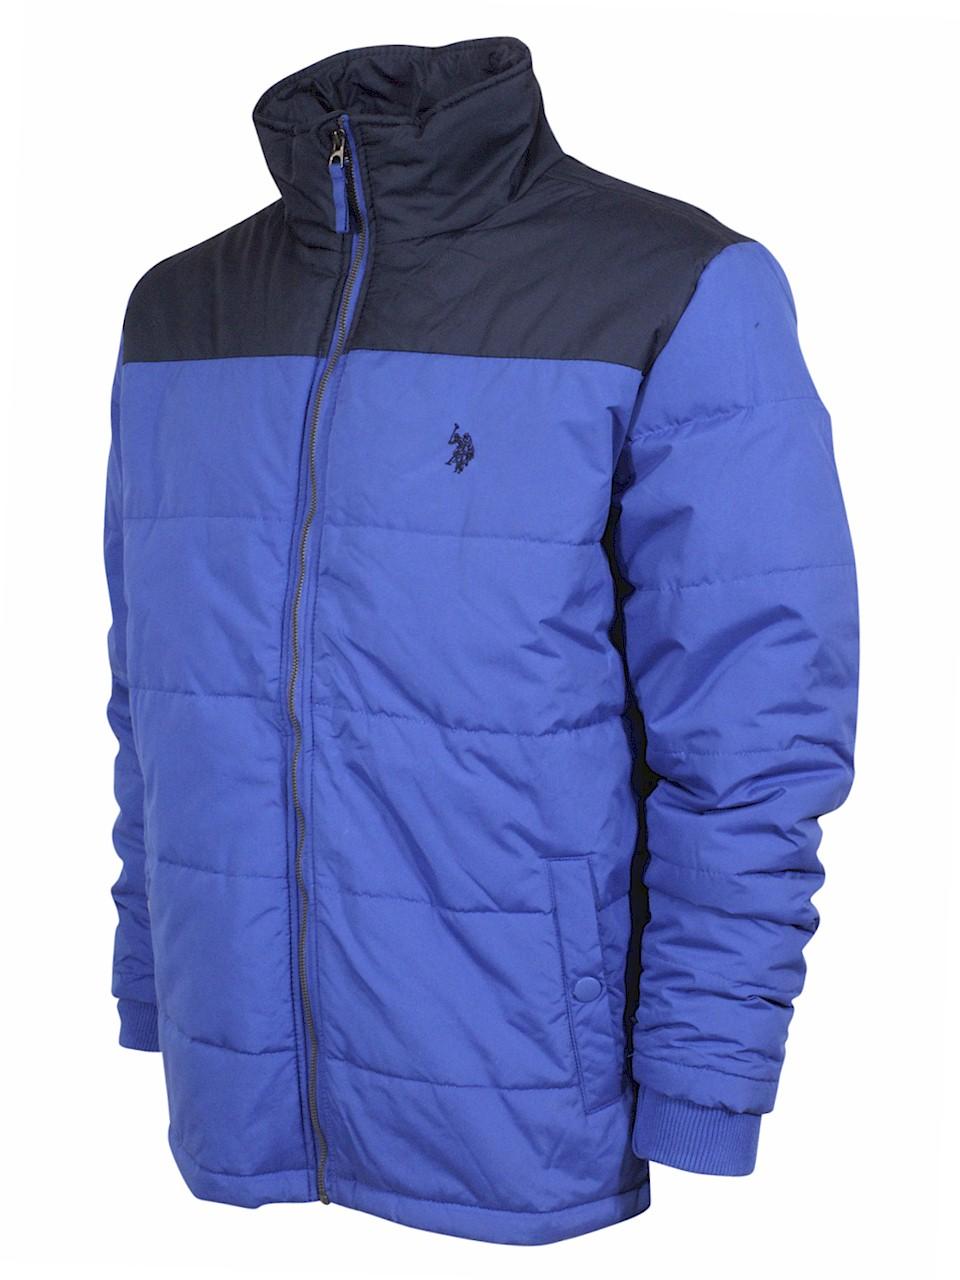 U.S Polo Association Men/'s Colorblock Zip Front Hooded Sweatshirt